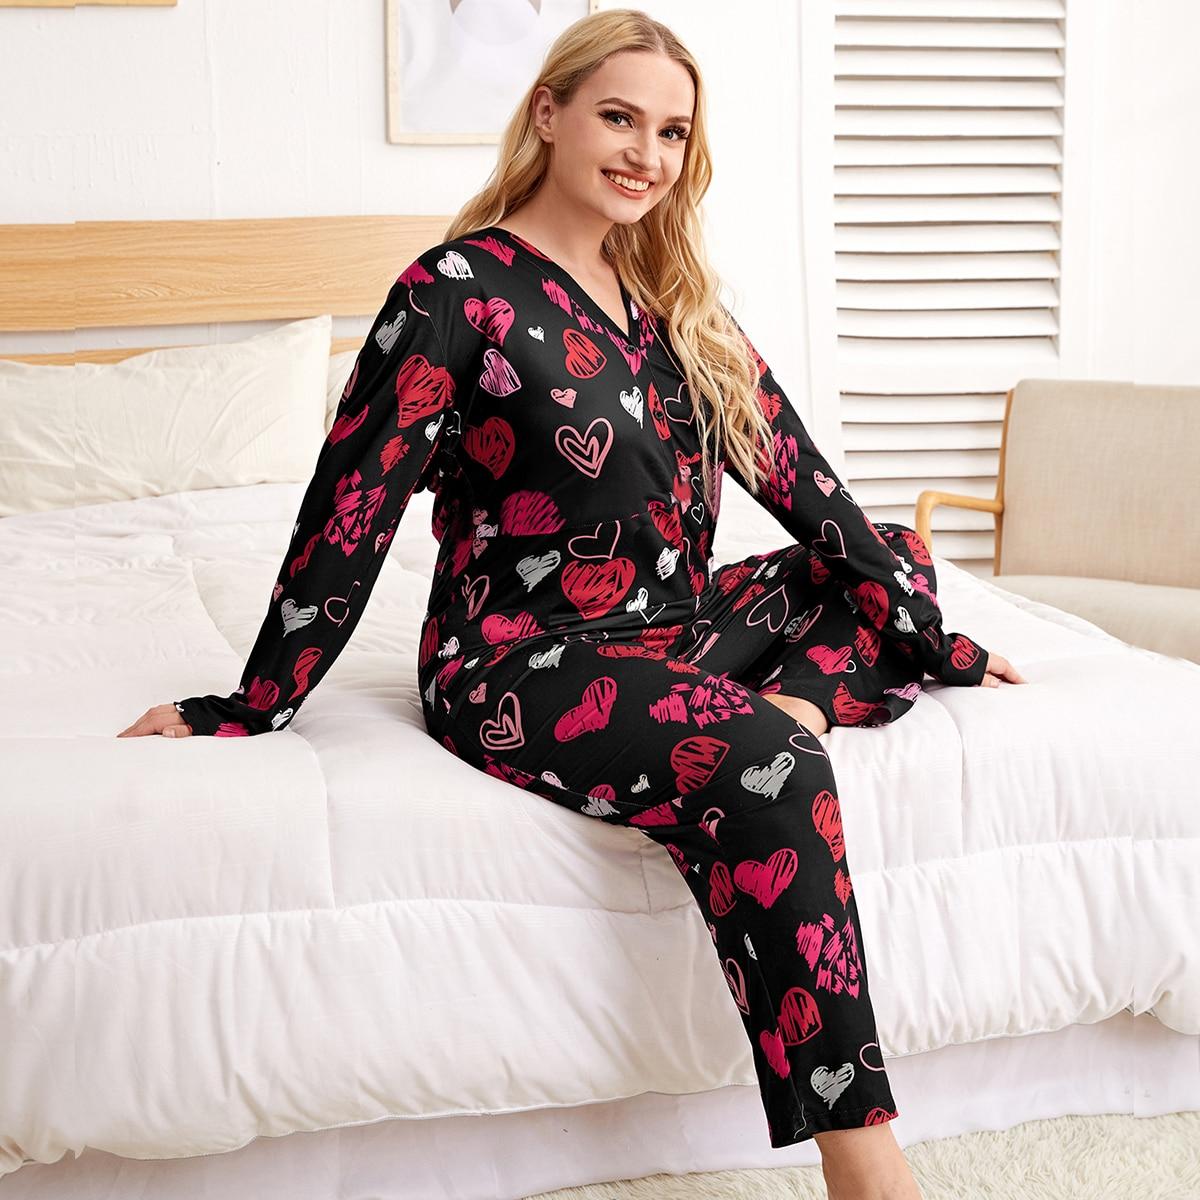 Пуговица сердечко милый пижамный комбинезон размера плюс